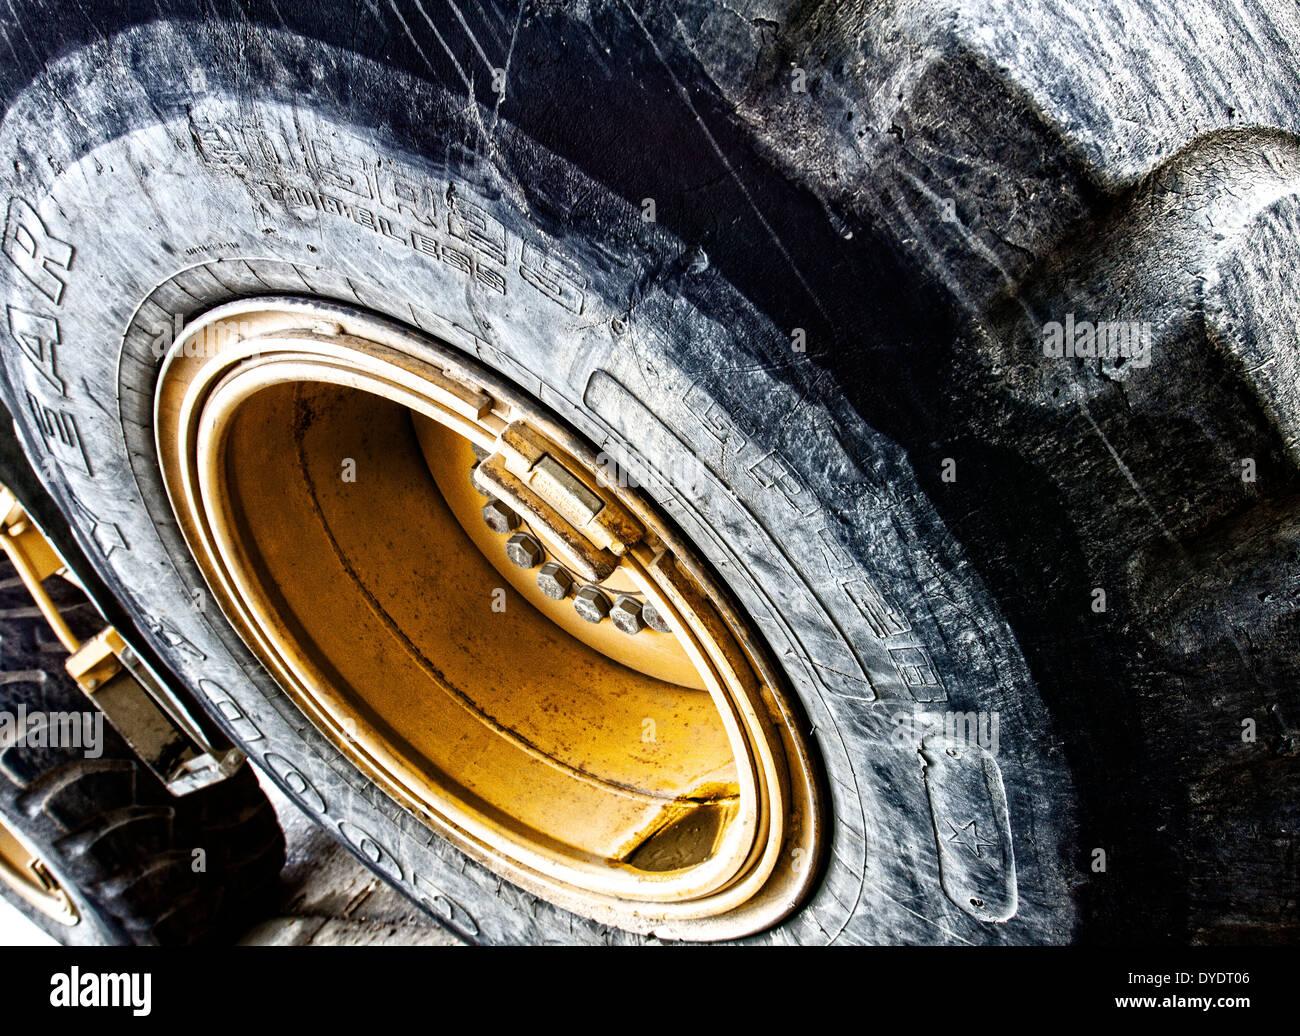 Primo piano del gigante di pneumatici e ruote di un bulldozer che mostra la sporcizia e usura del battistrada Immagini Stock